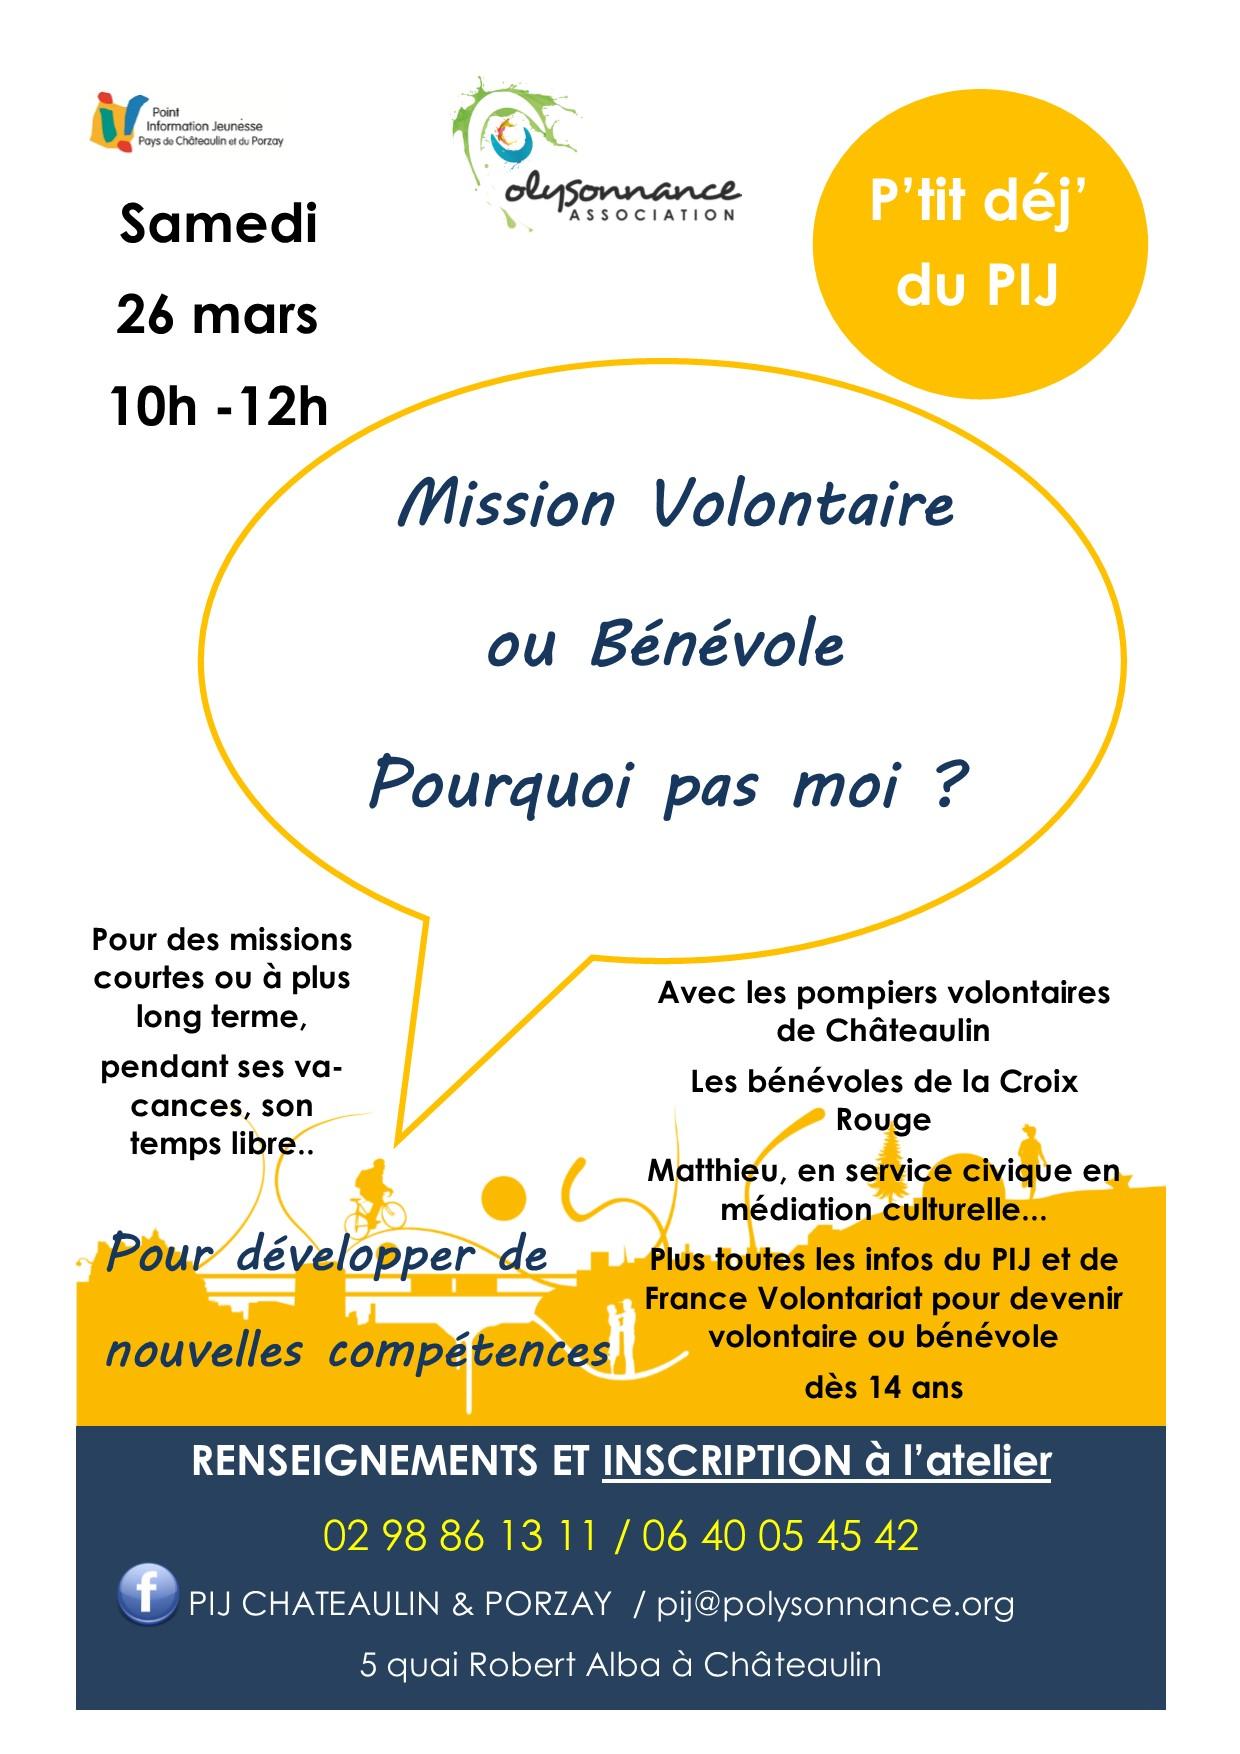 Mission volontaire ou bénévole : pourquoi pas moi ?